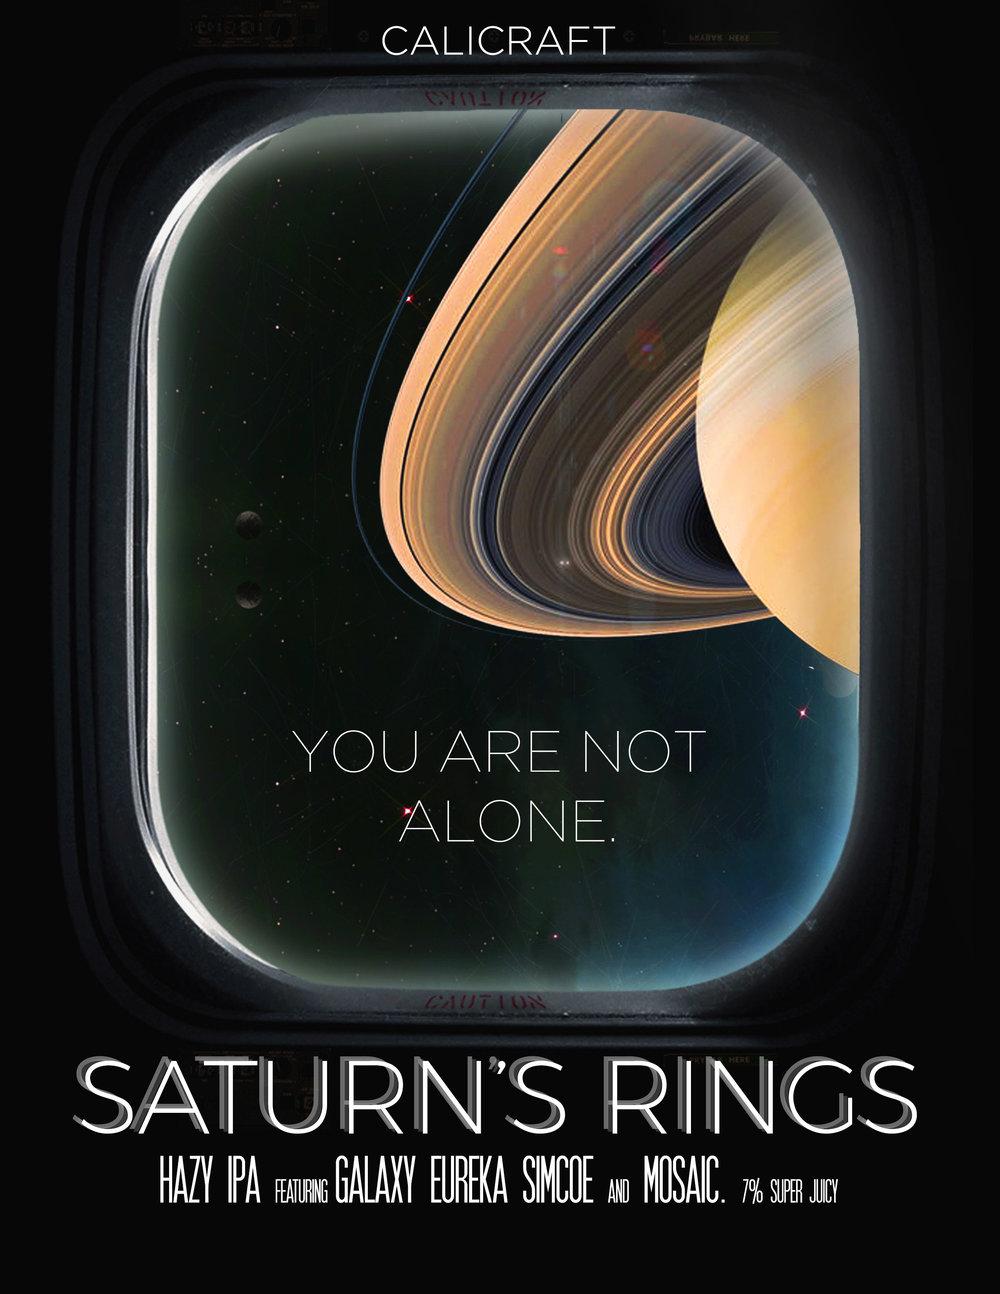 saturn rings_sales.jpg